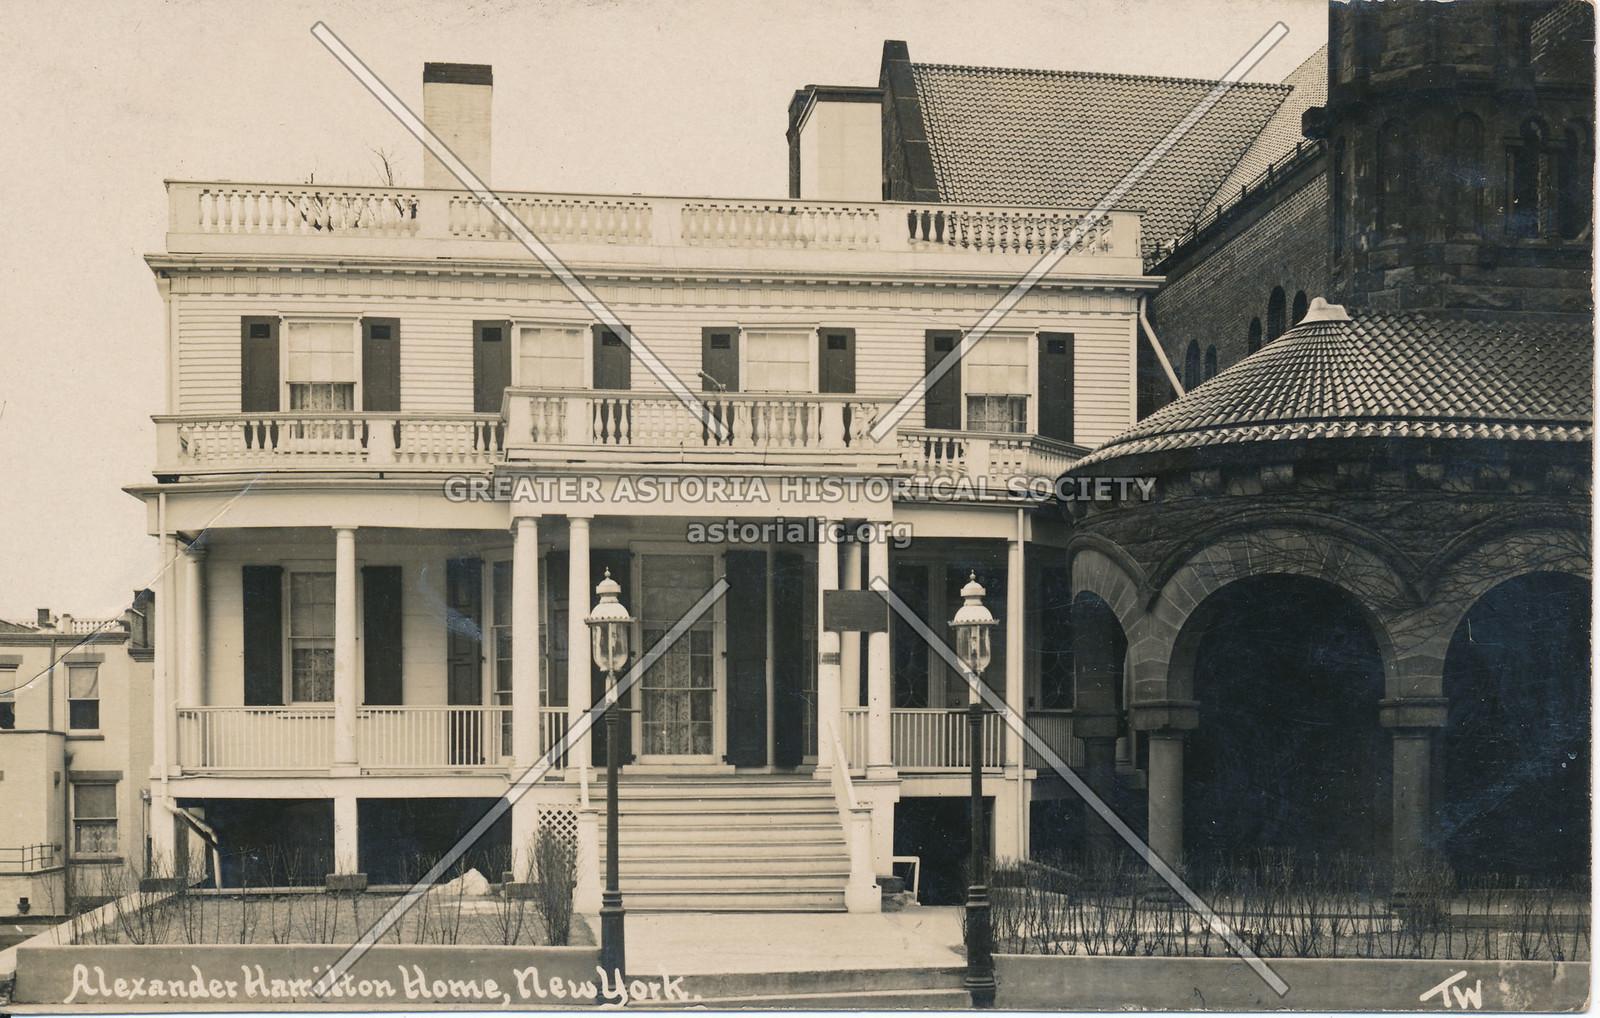 Alexander Hamilton Home, N.Y.